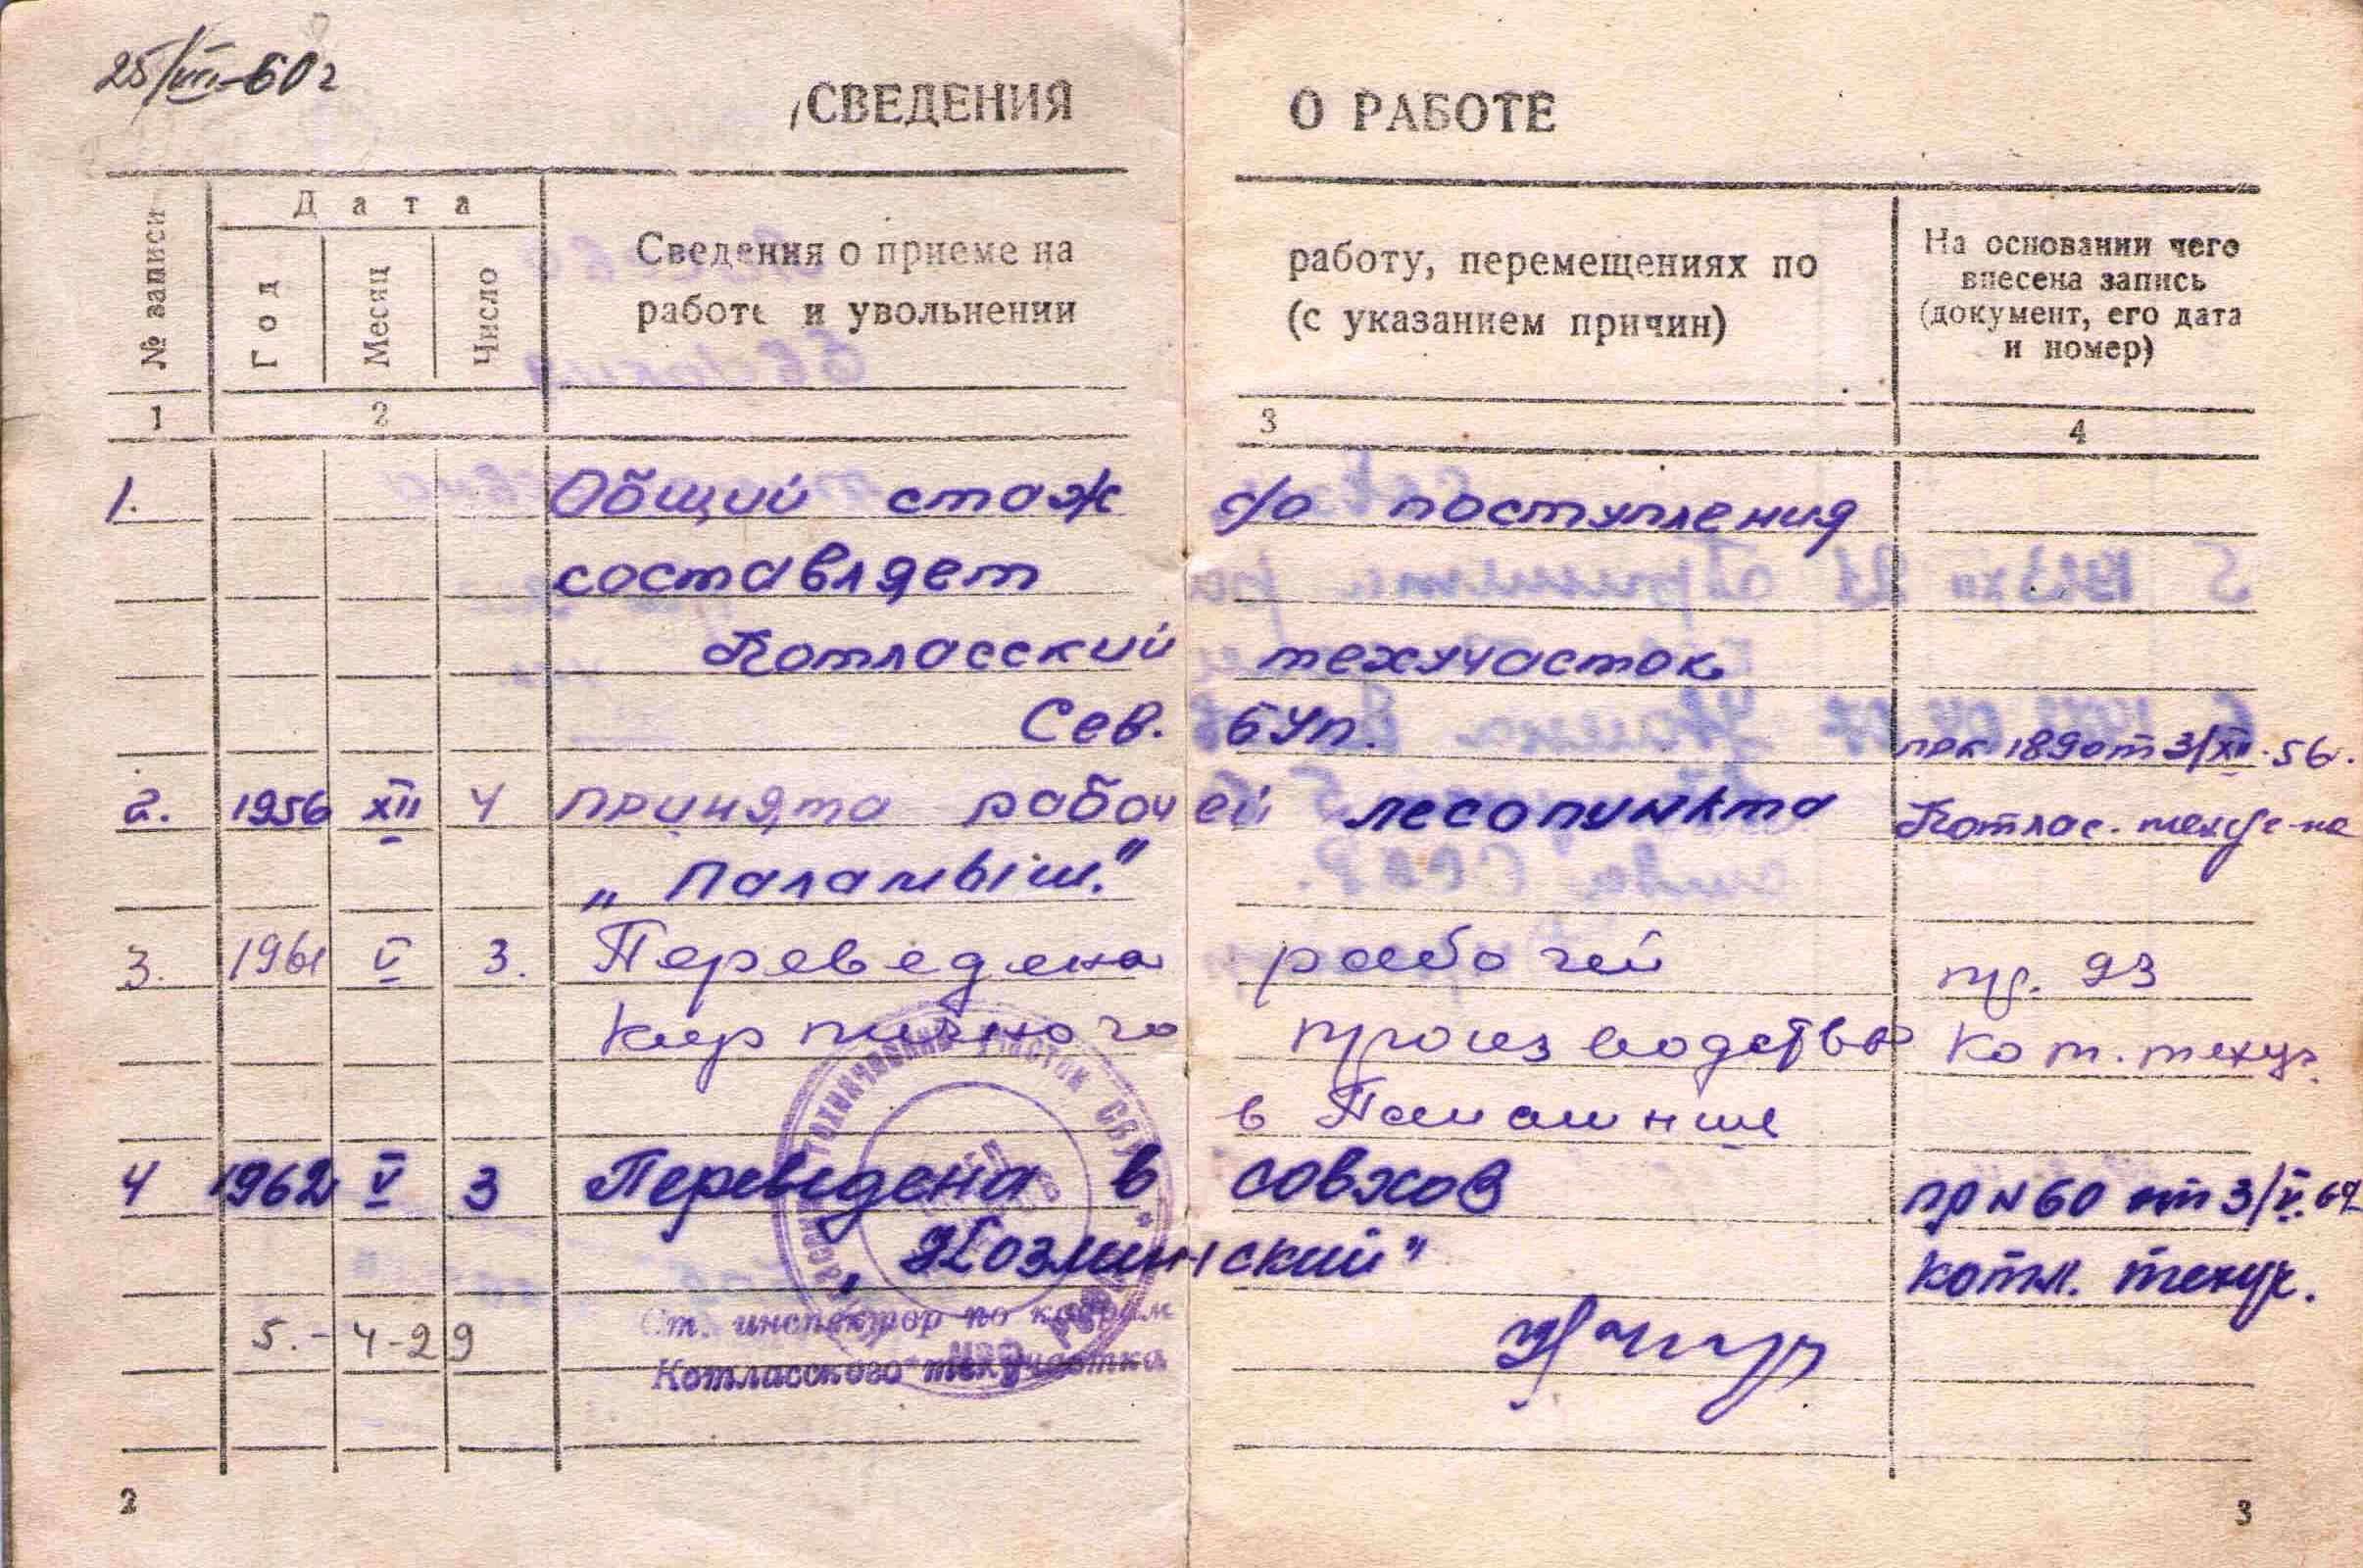 12. Трудовая книжка, 1956